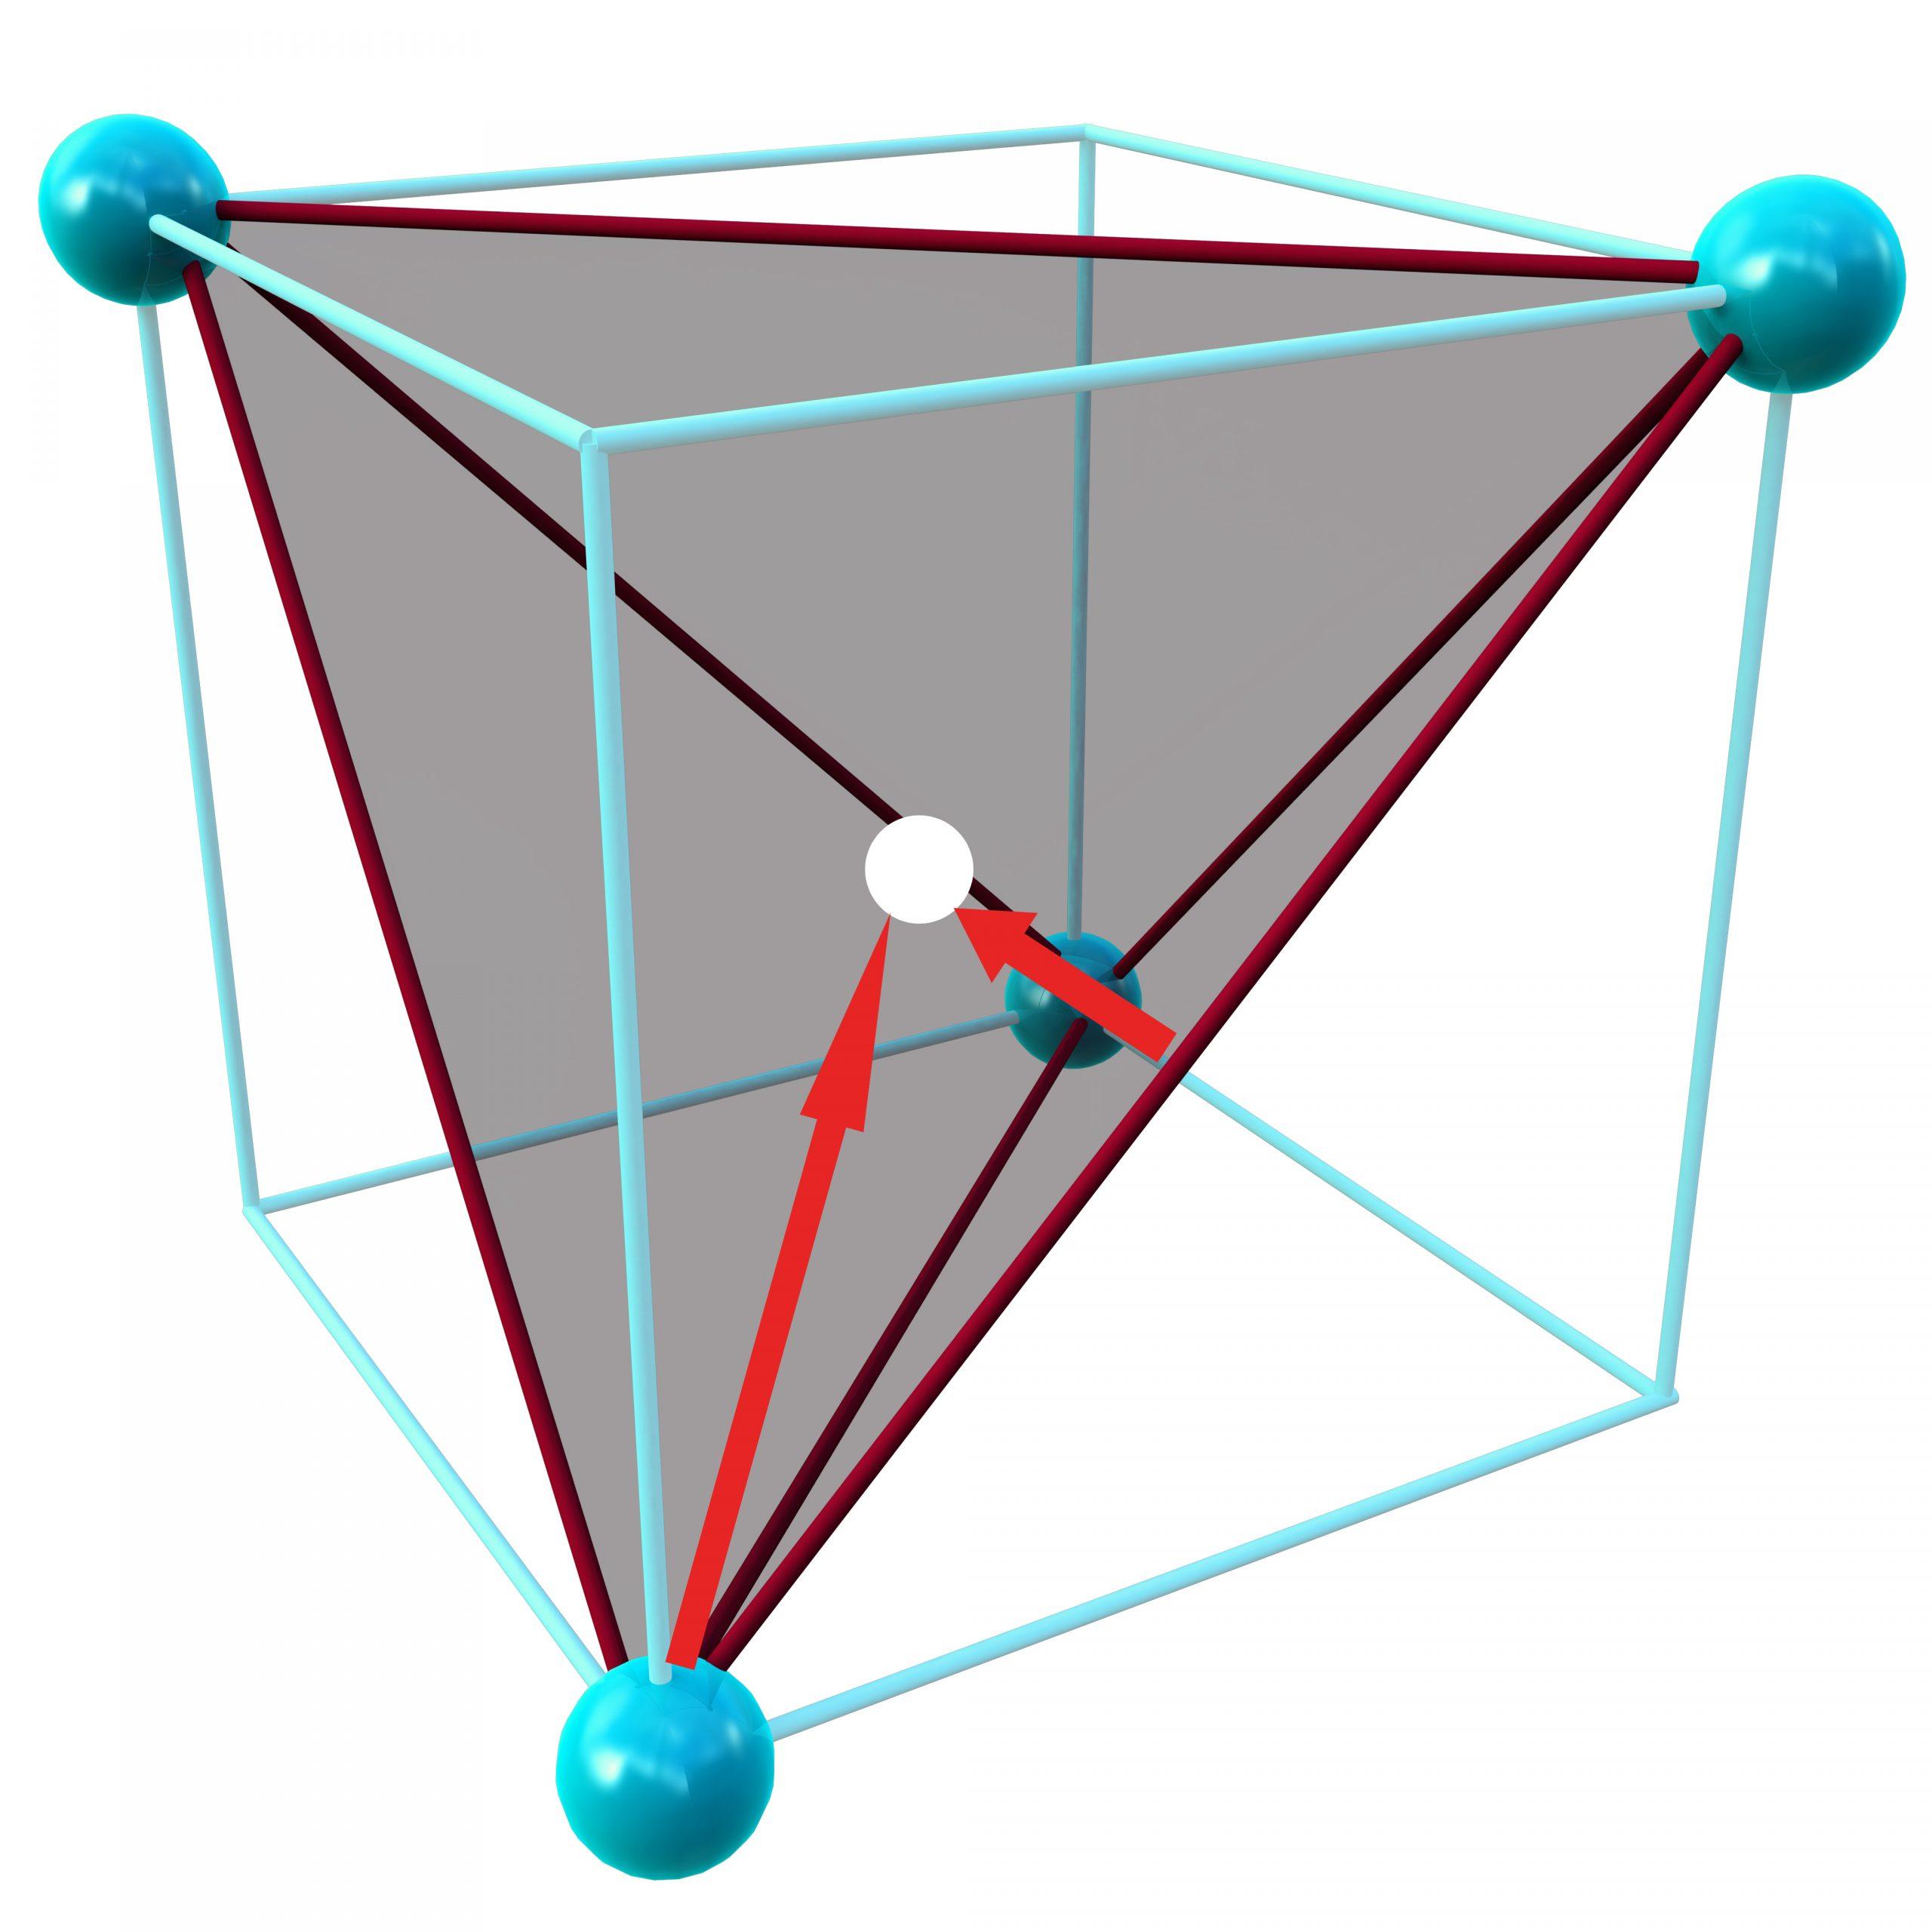 s orbital 2/3 closer to nucleus